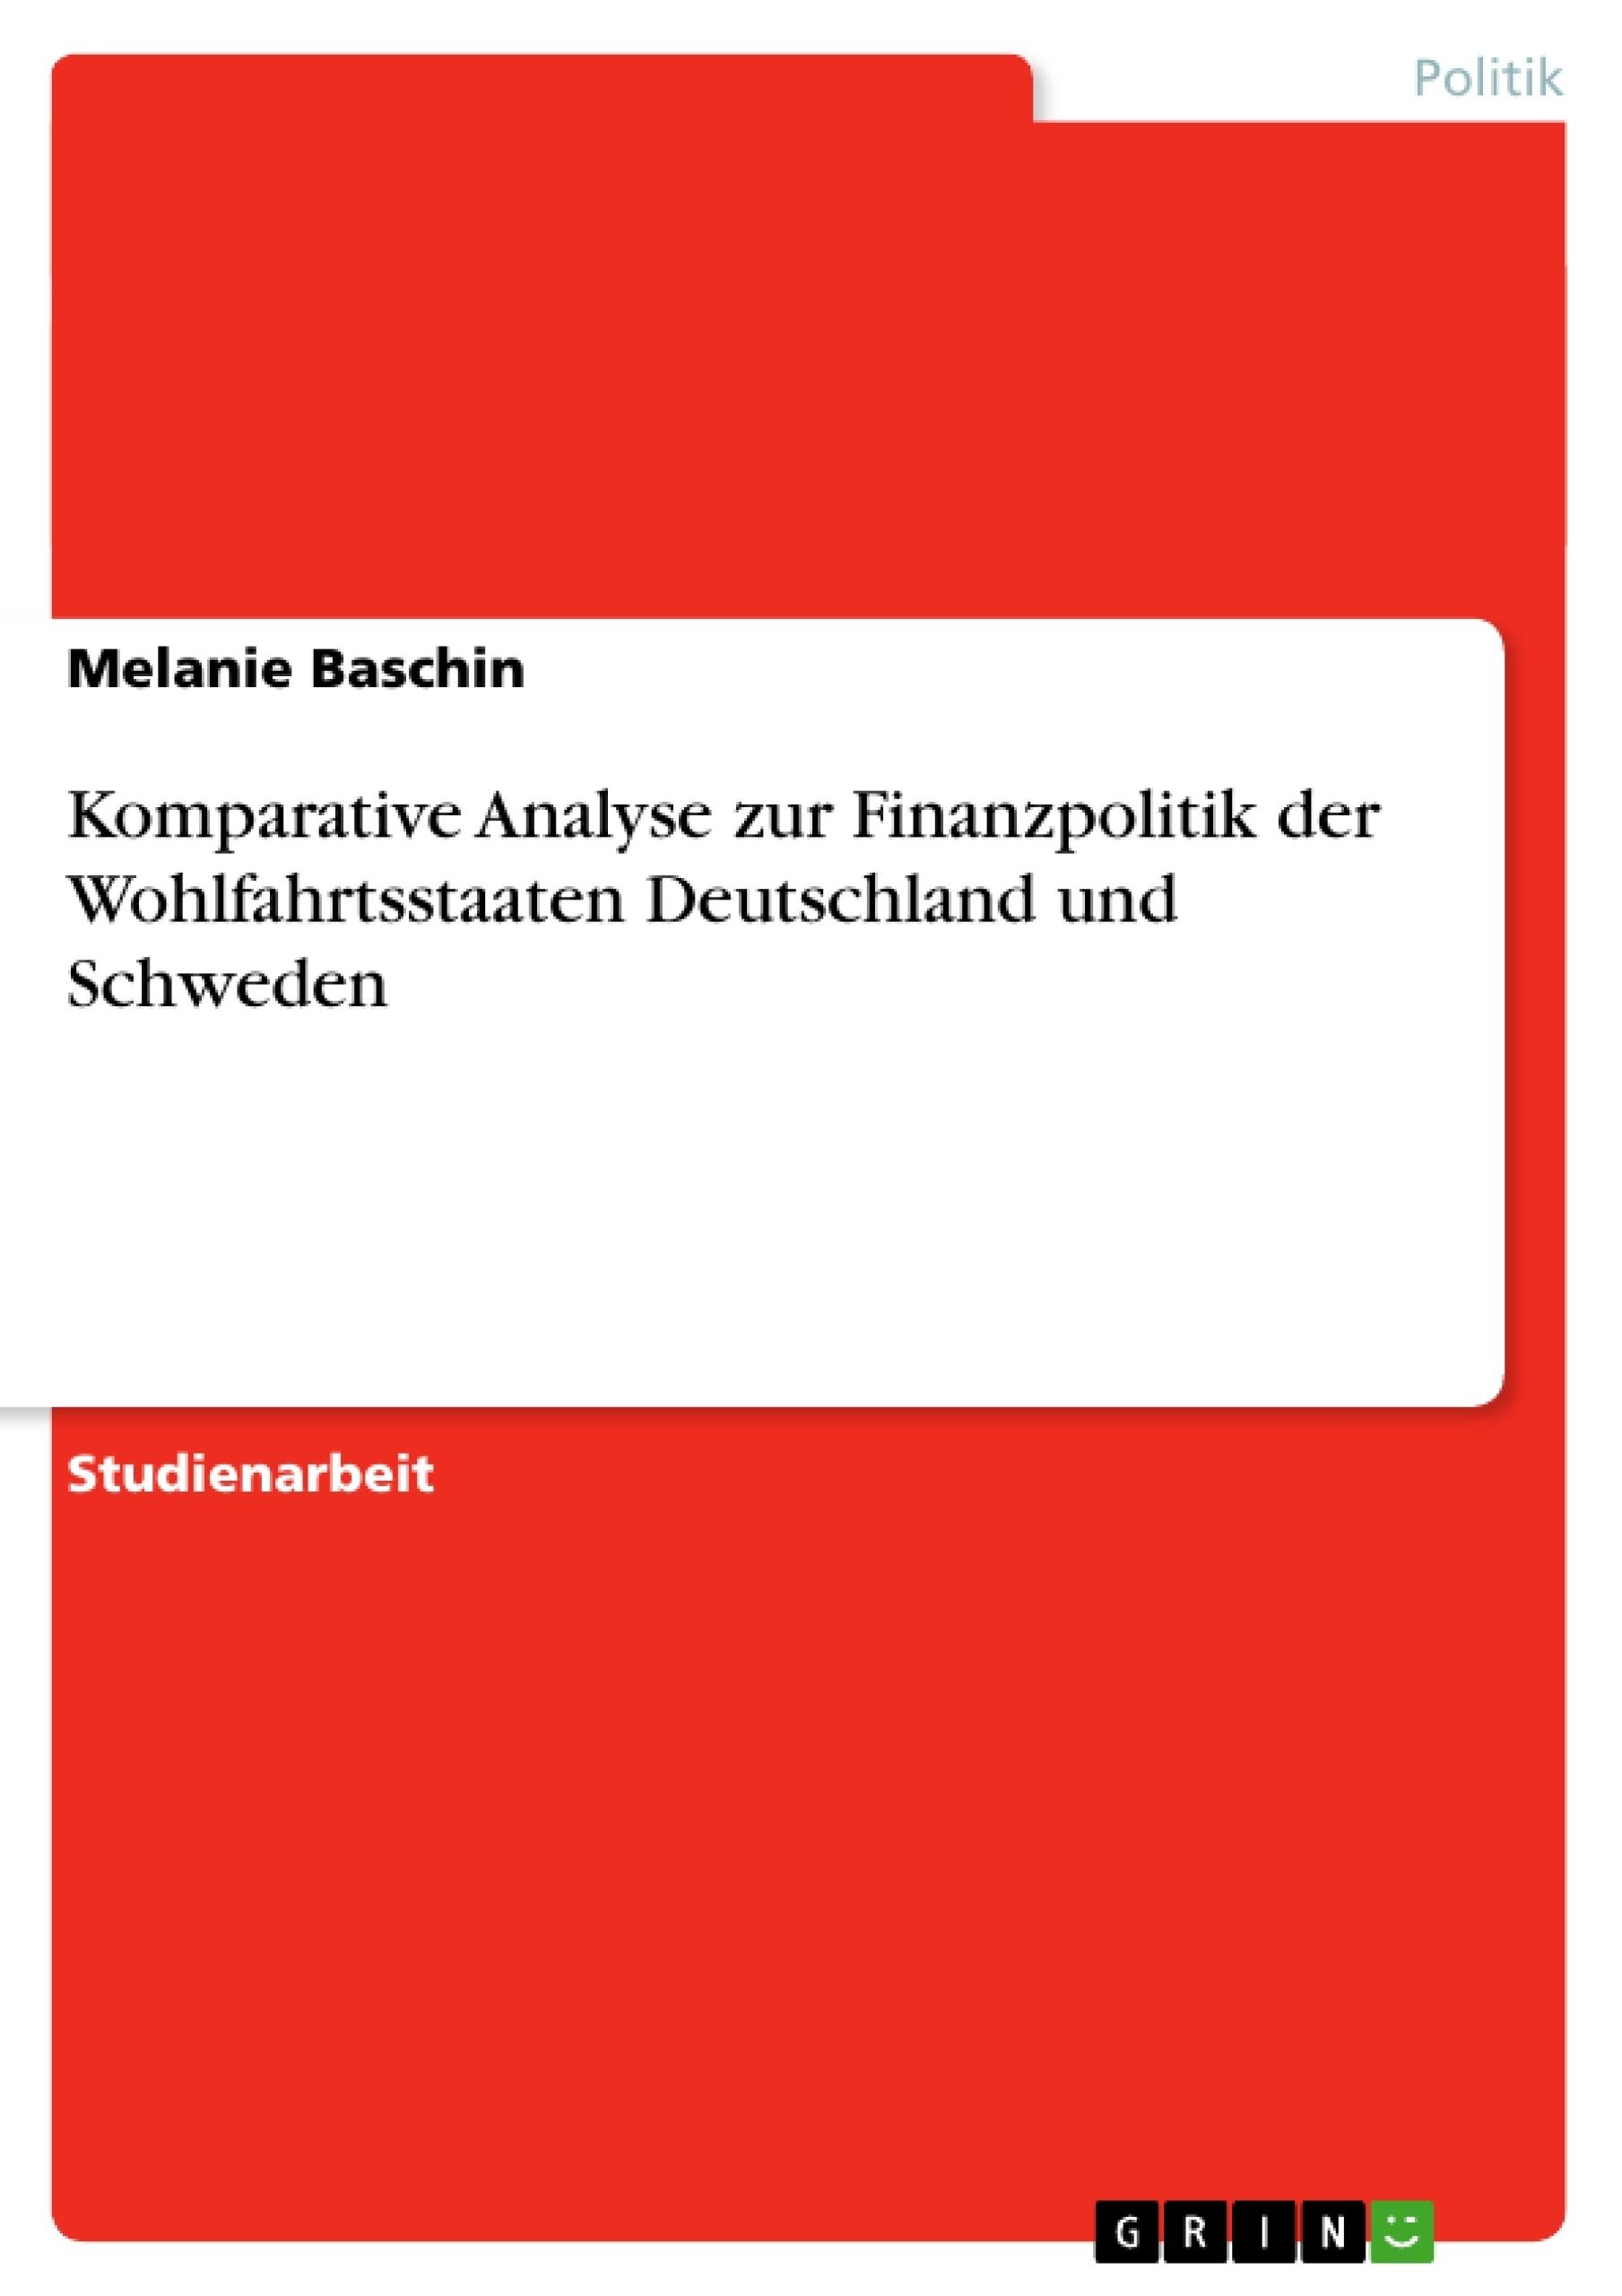 Titel: Komparative Analyse zur Finanzpolitik der Wohlfahrtsstaaten Deutschland und Schweden